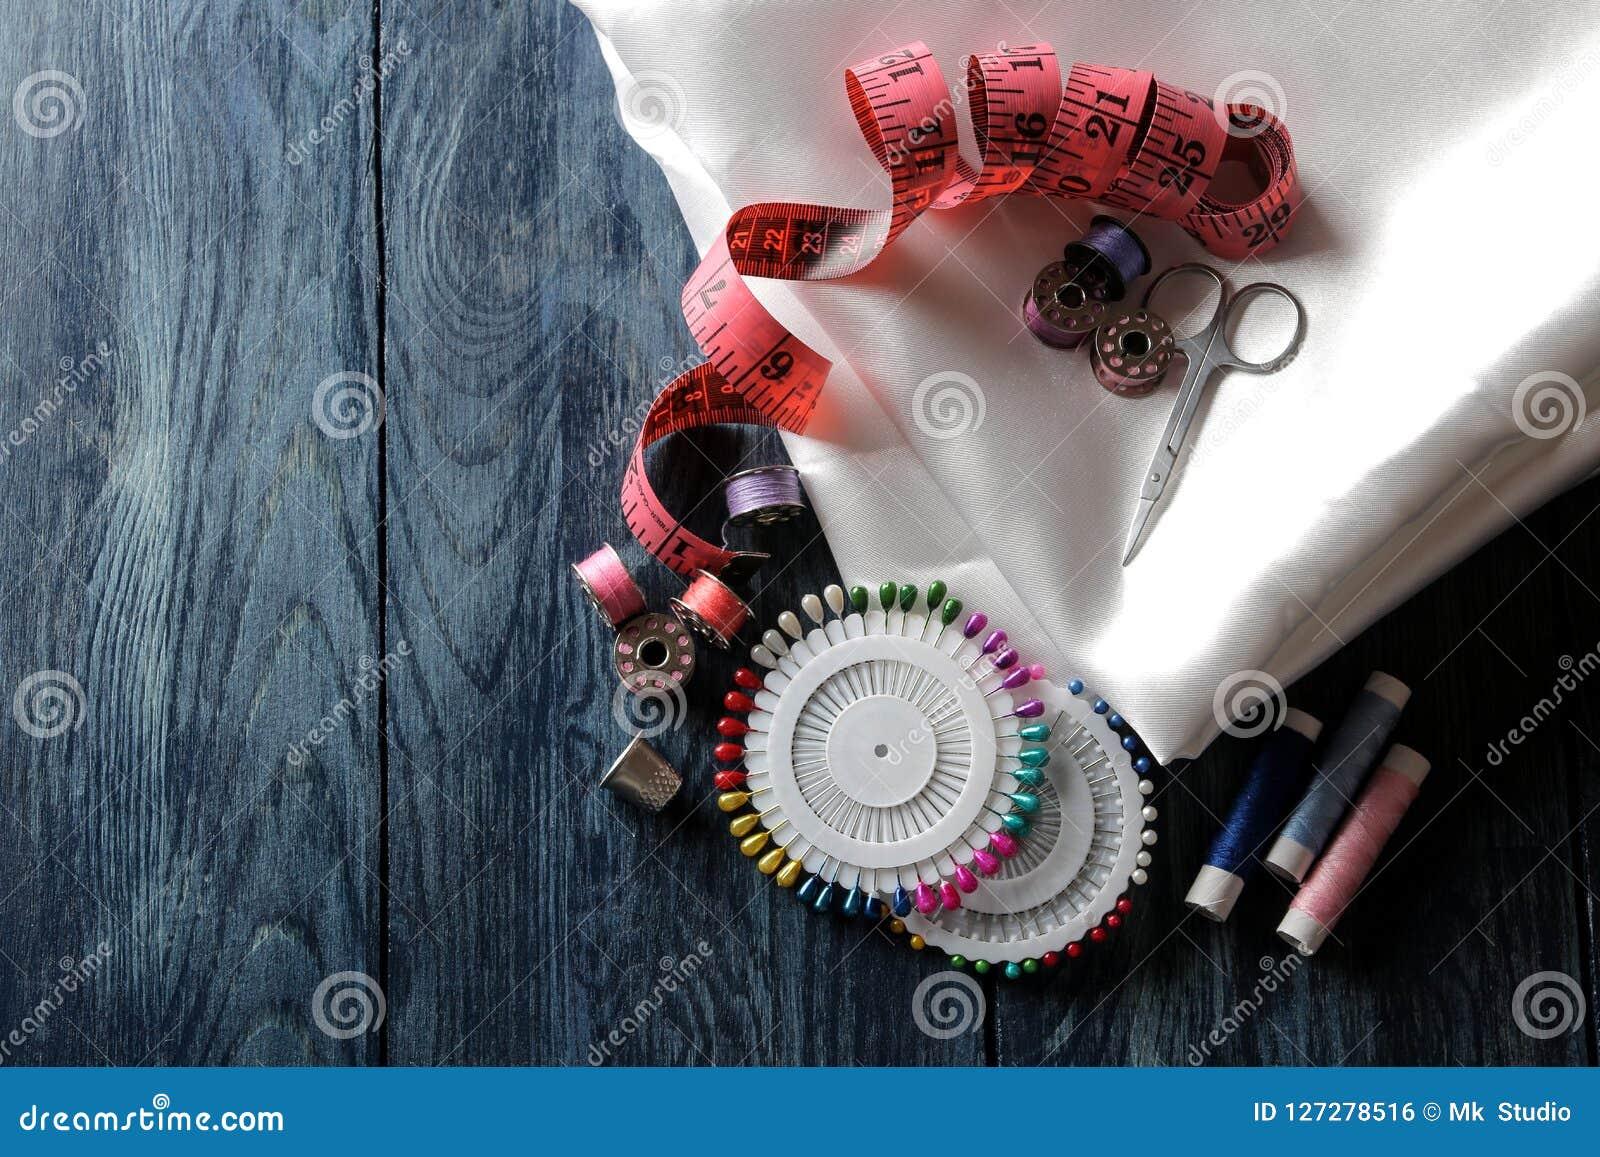 Acessórios para linhas costurar e de bordado, tela, tesouras, bobinas, pinos, centímetro em uma obscuridade - fundo de madeira az